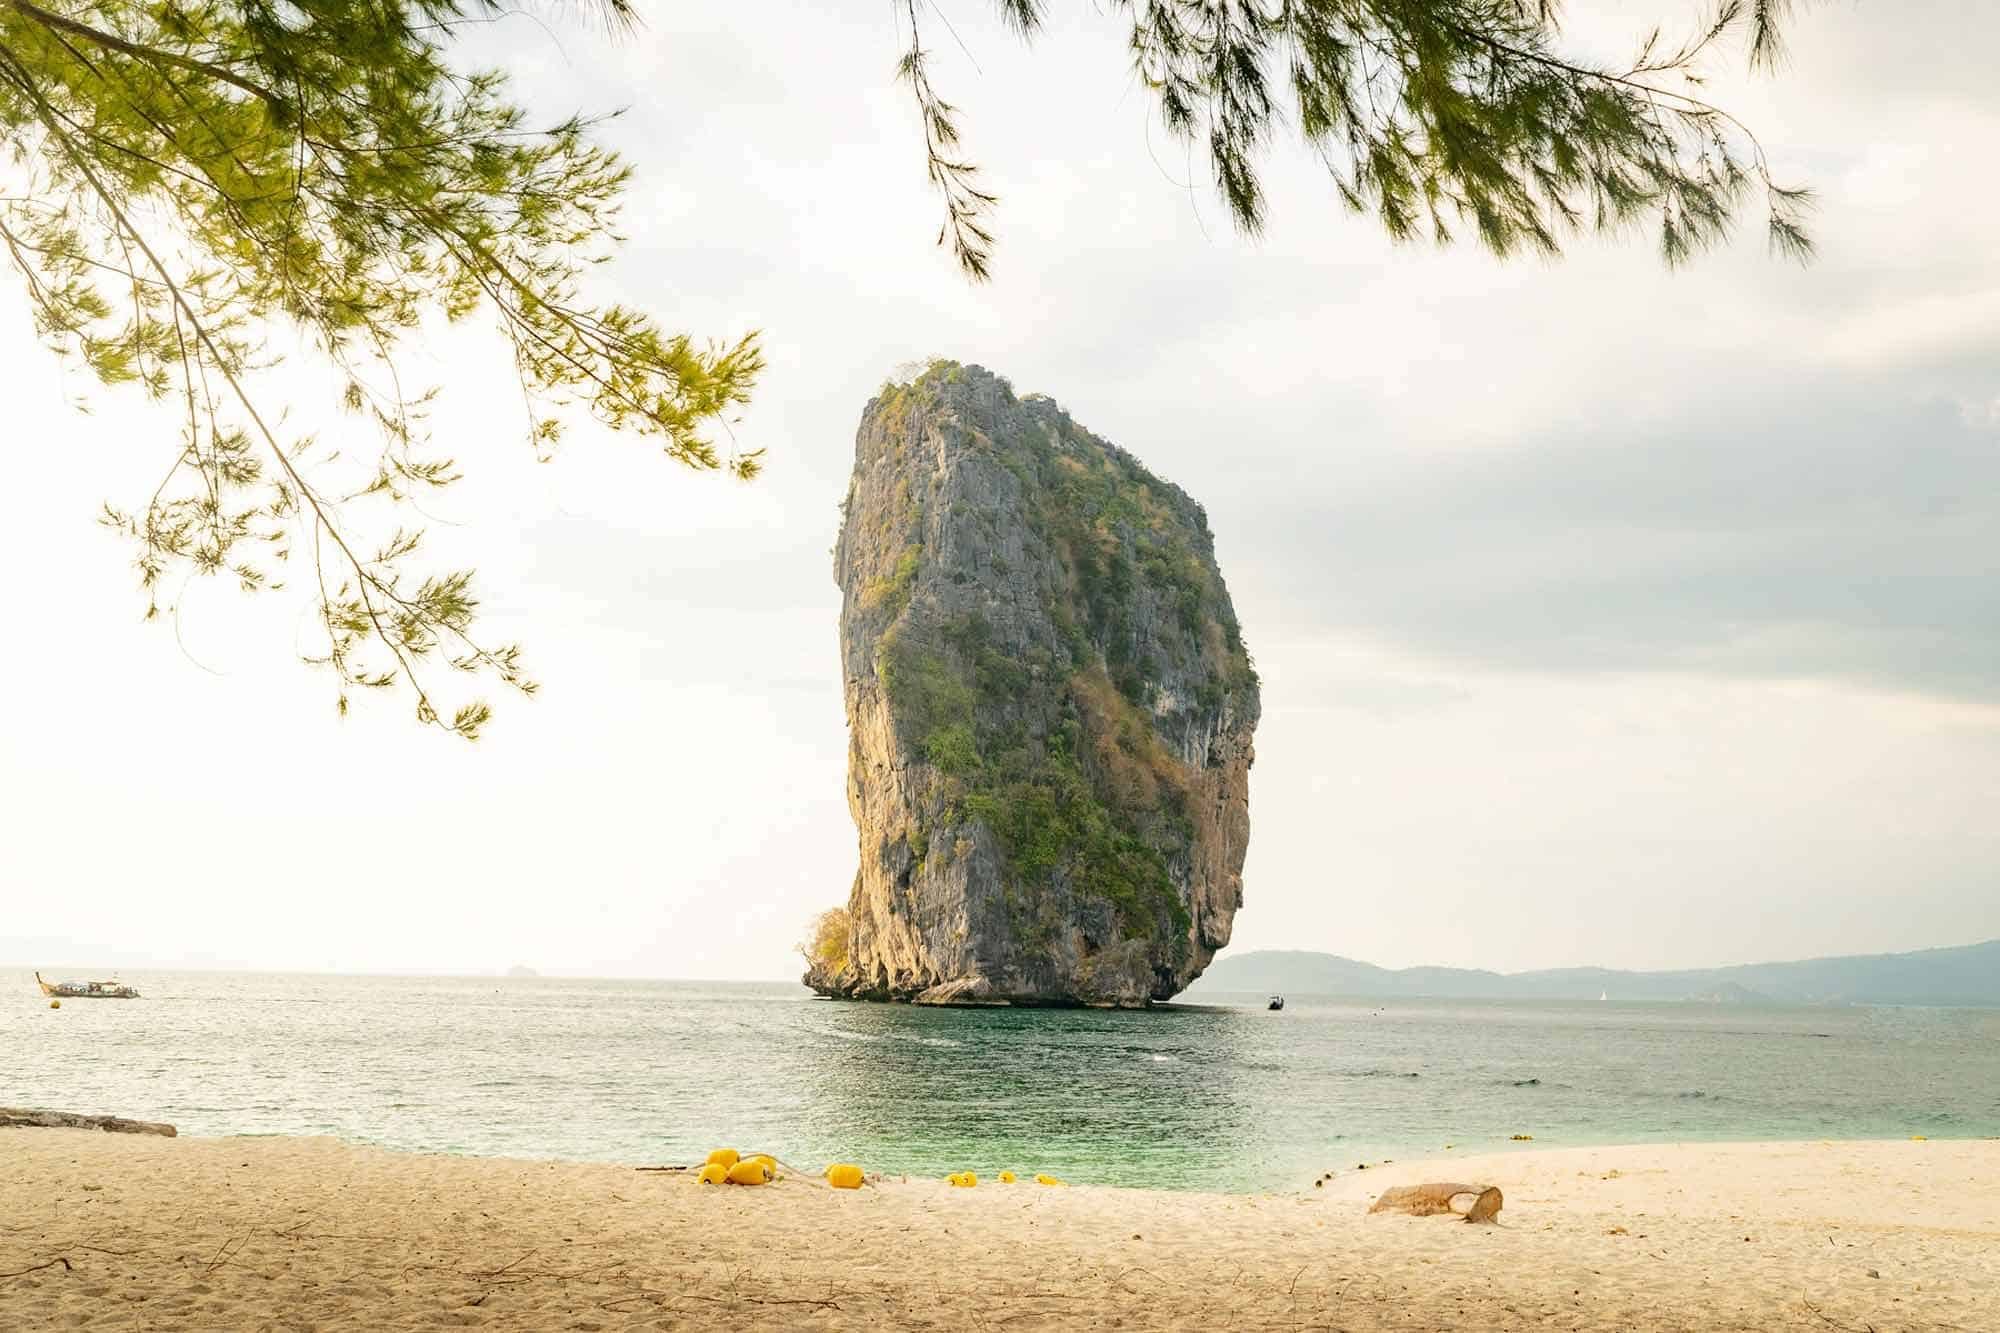 3 Days In Krabi Itinerary